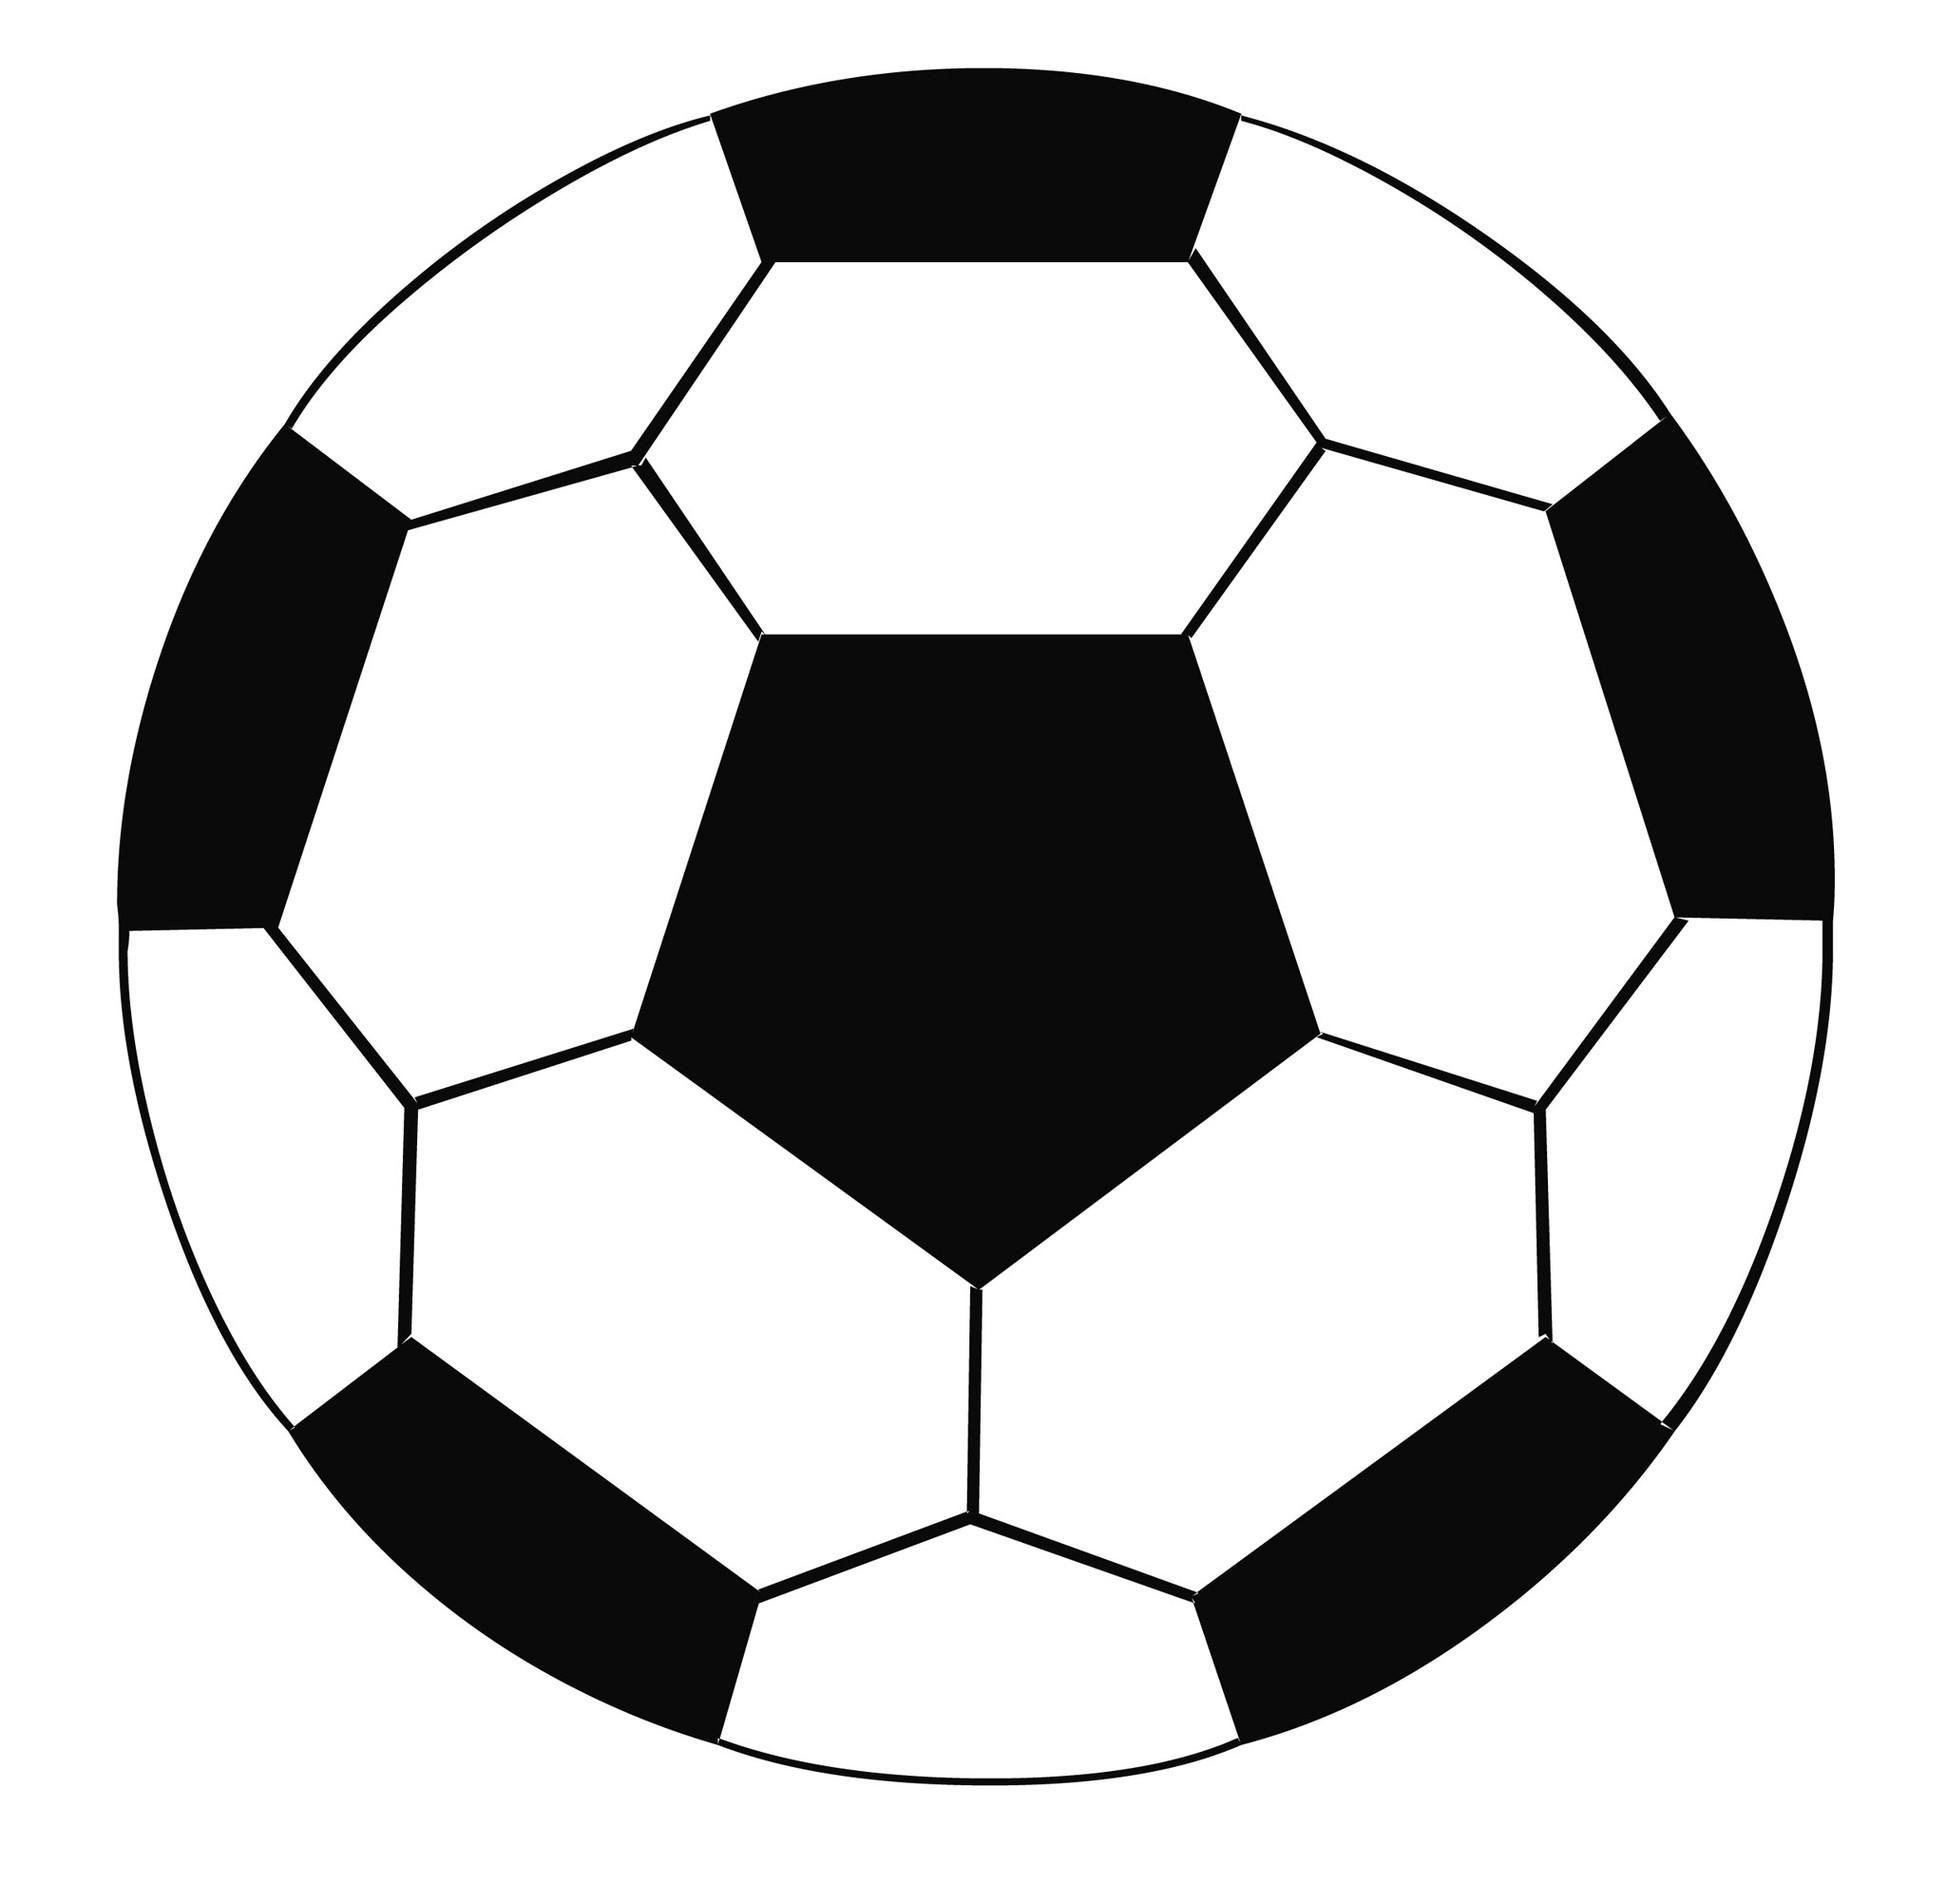 White soccer ball clipart.